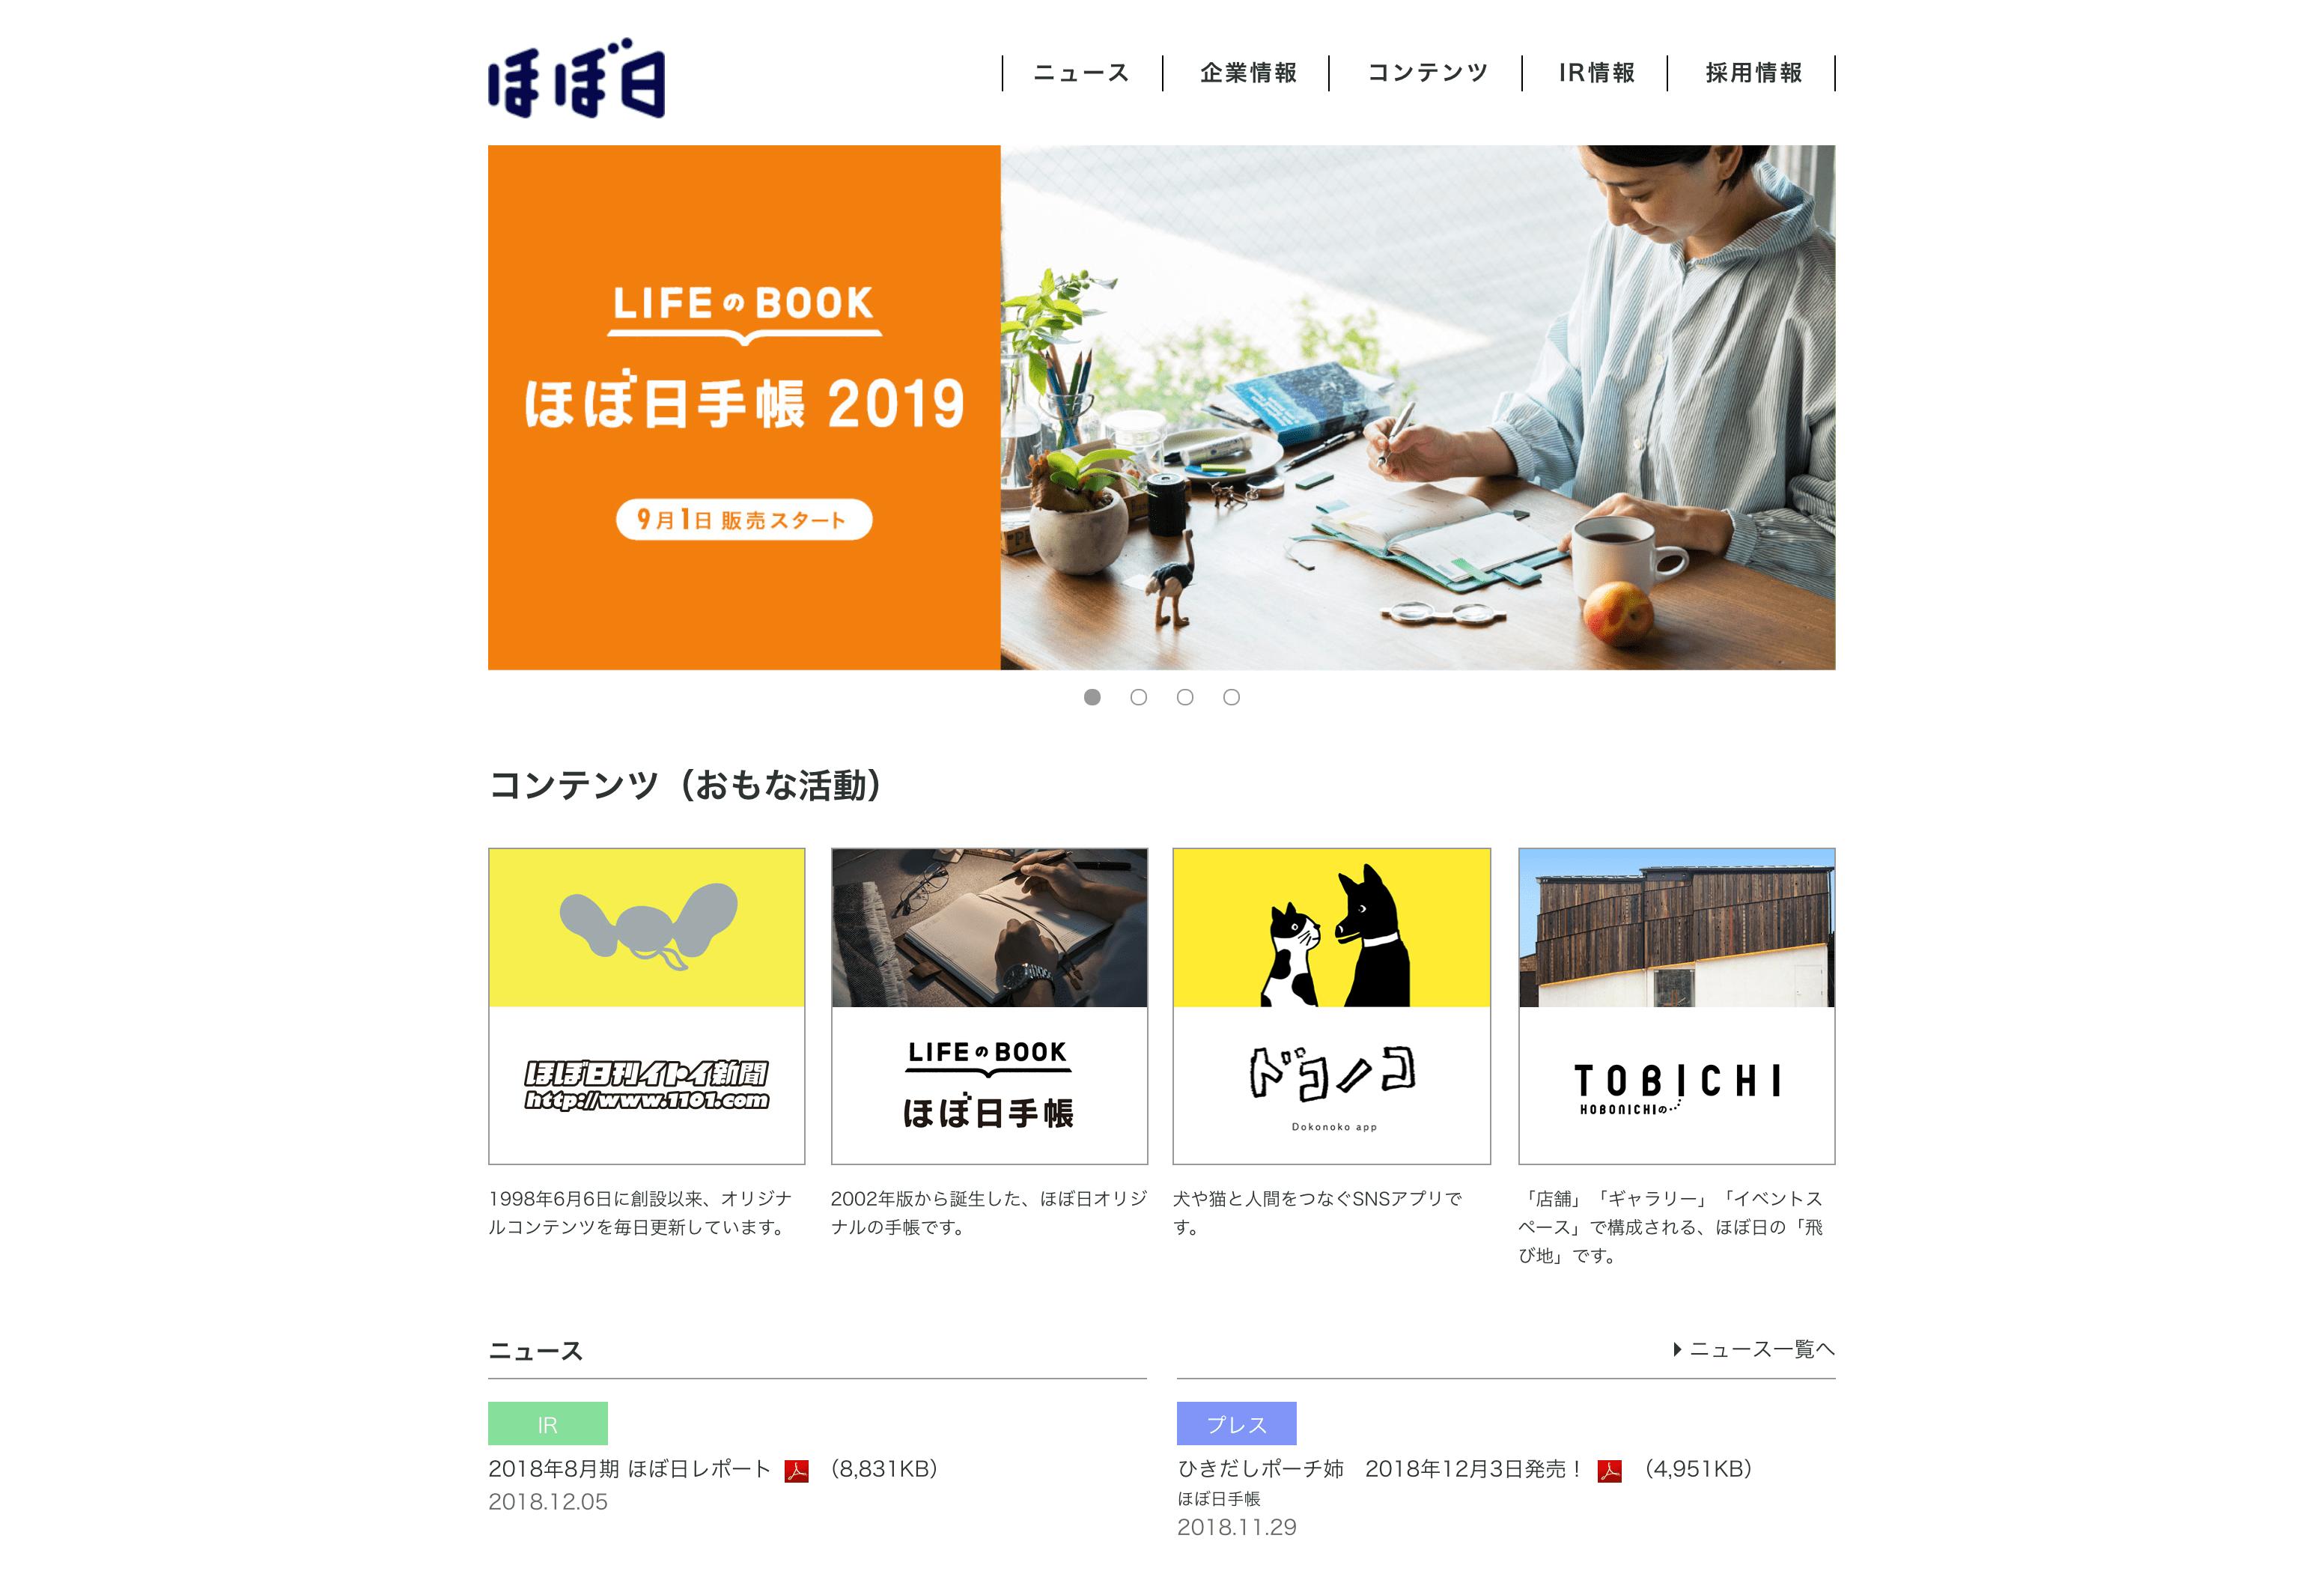 スクリーンショット 2018-12-10 15.27.20